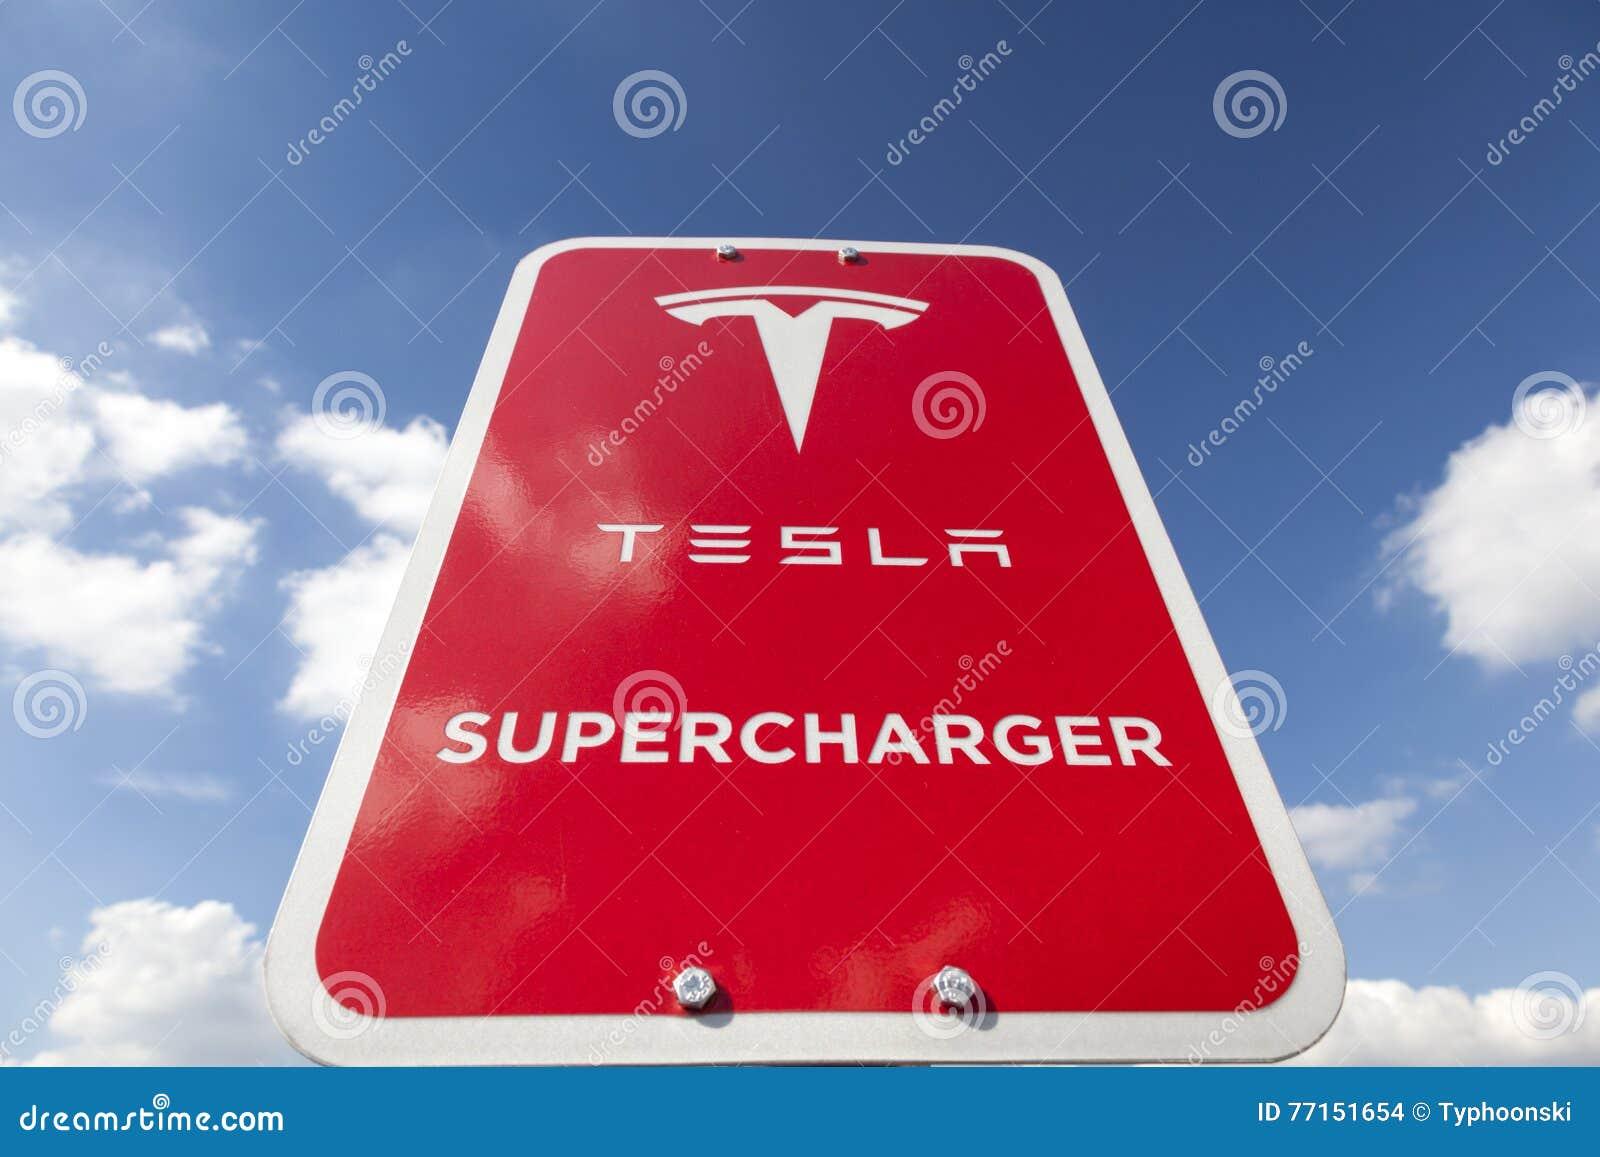 Signe de surchauffeur de Tesla